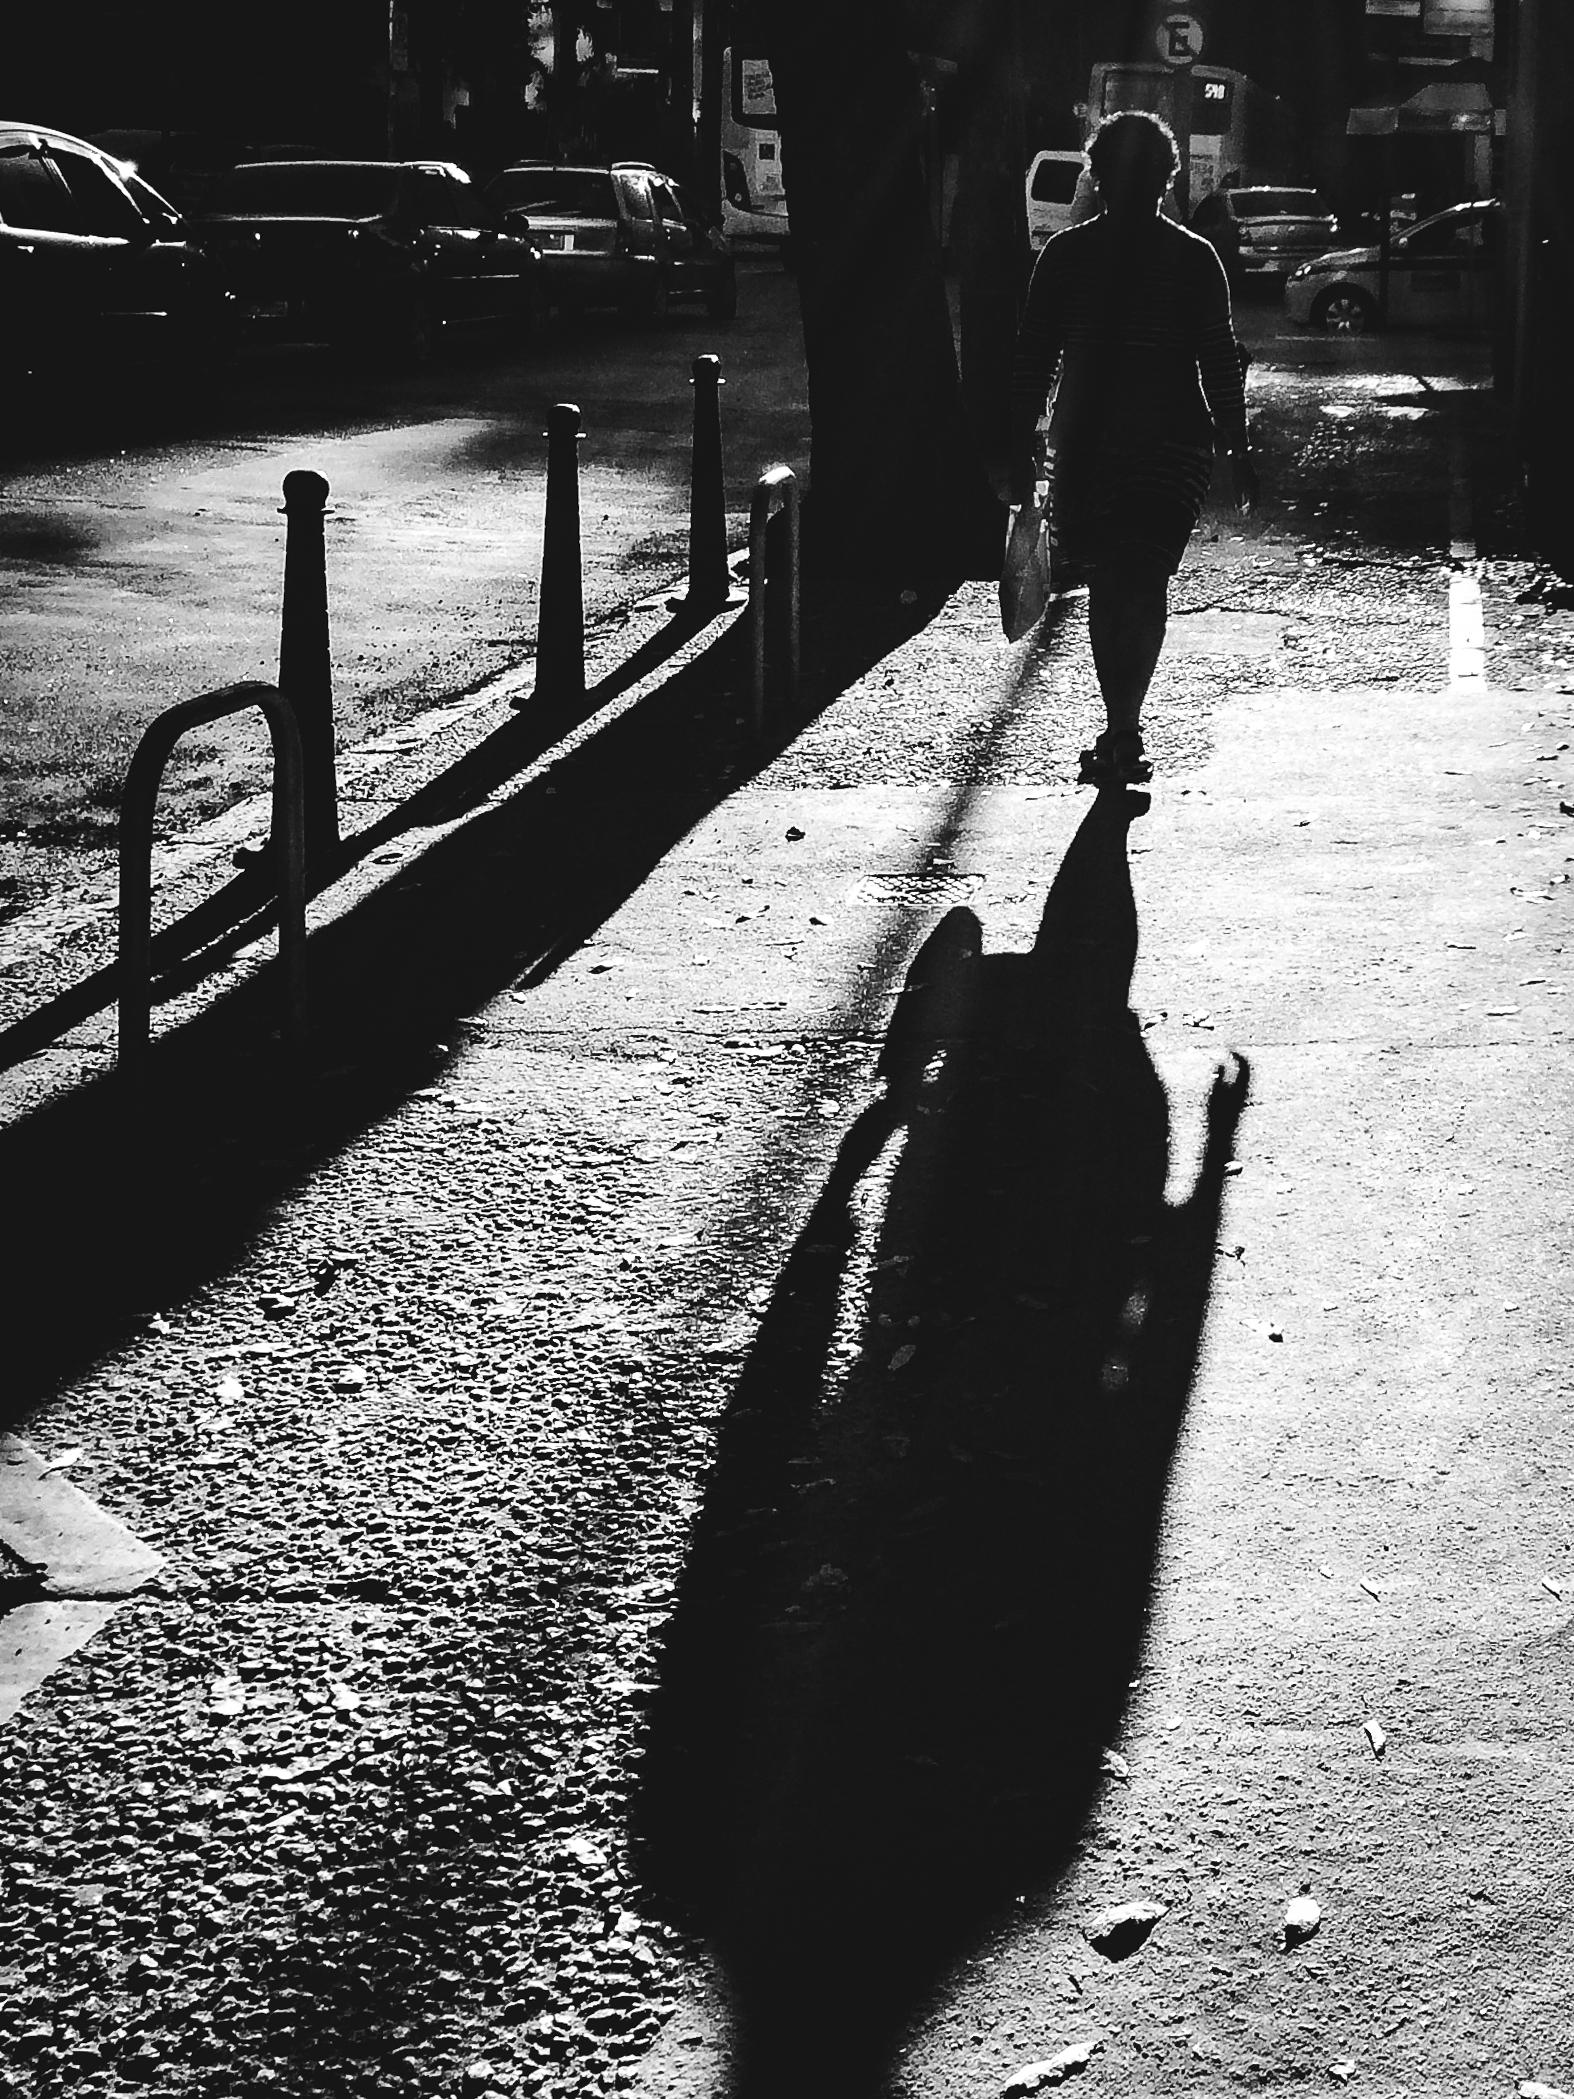 / Shadow on the road ahead